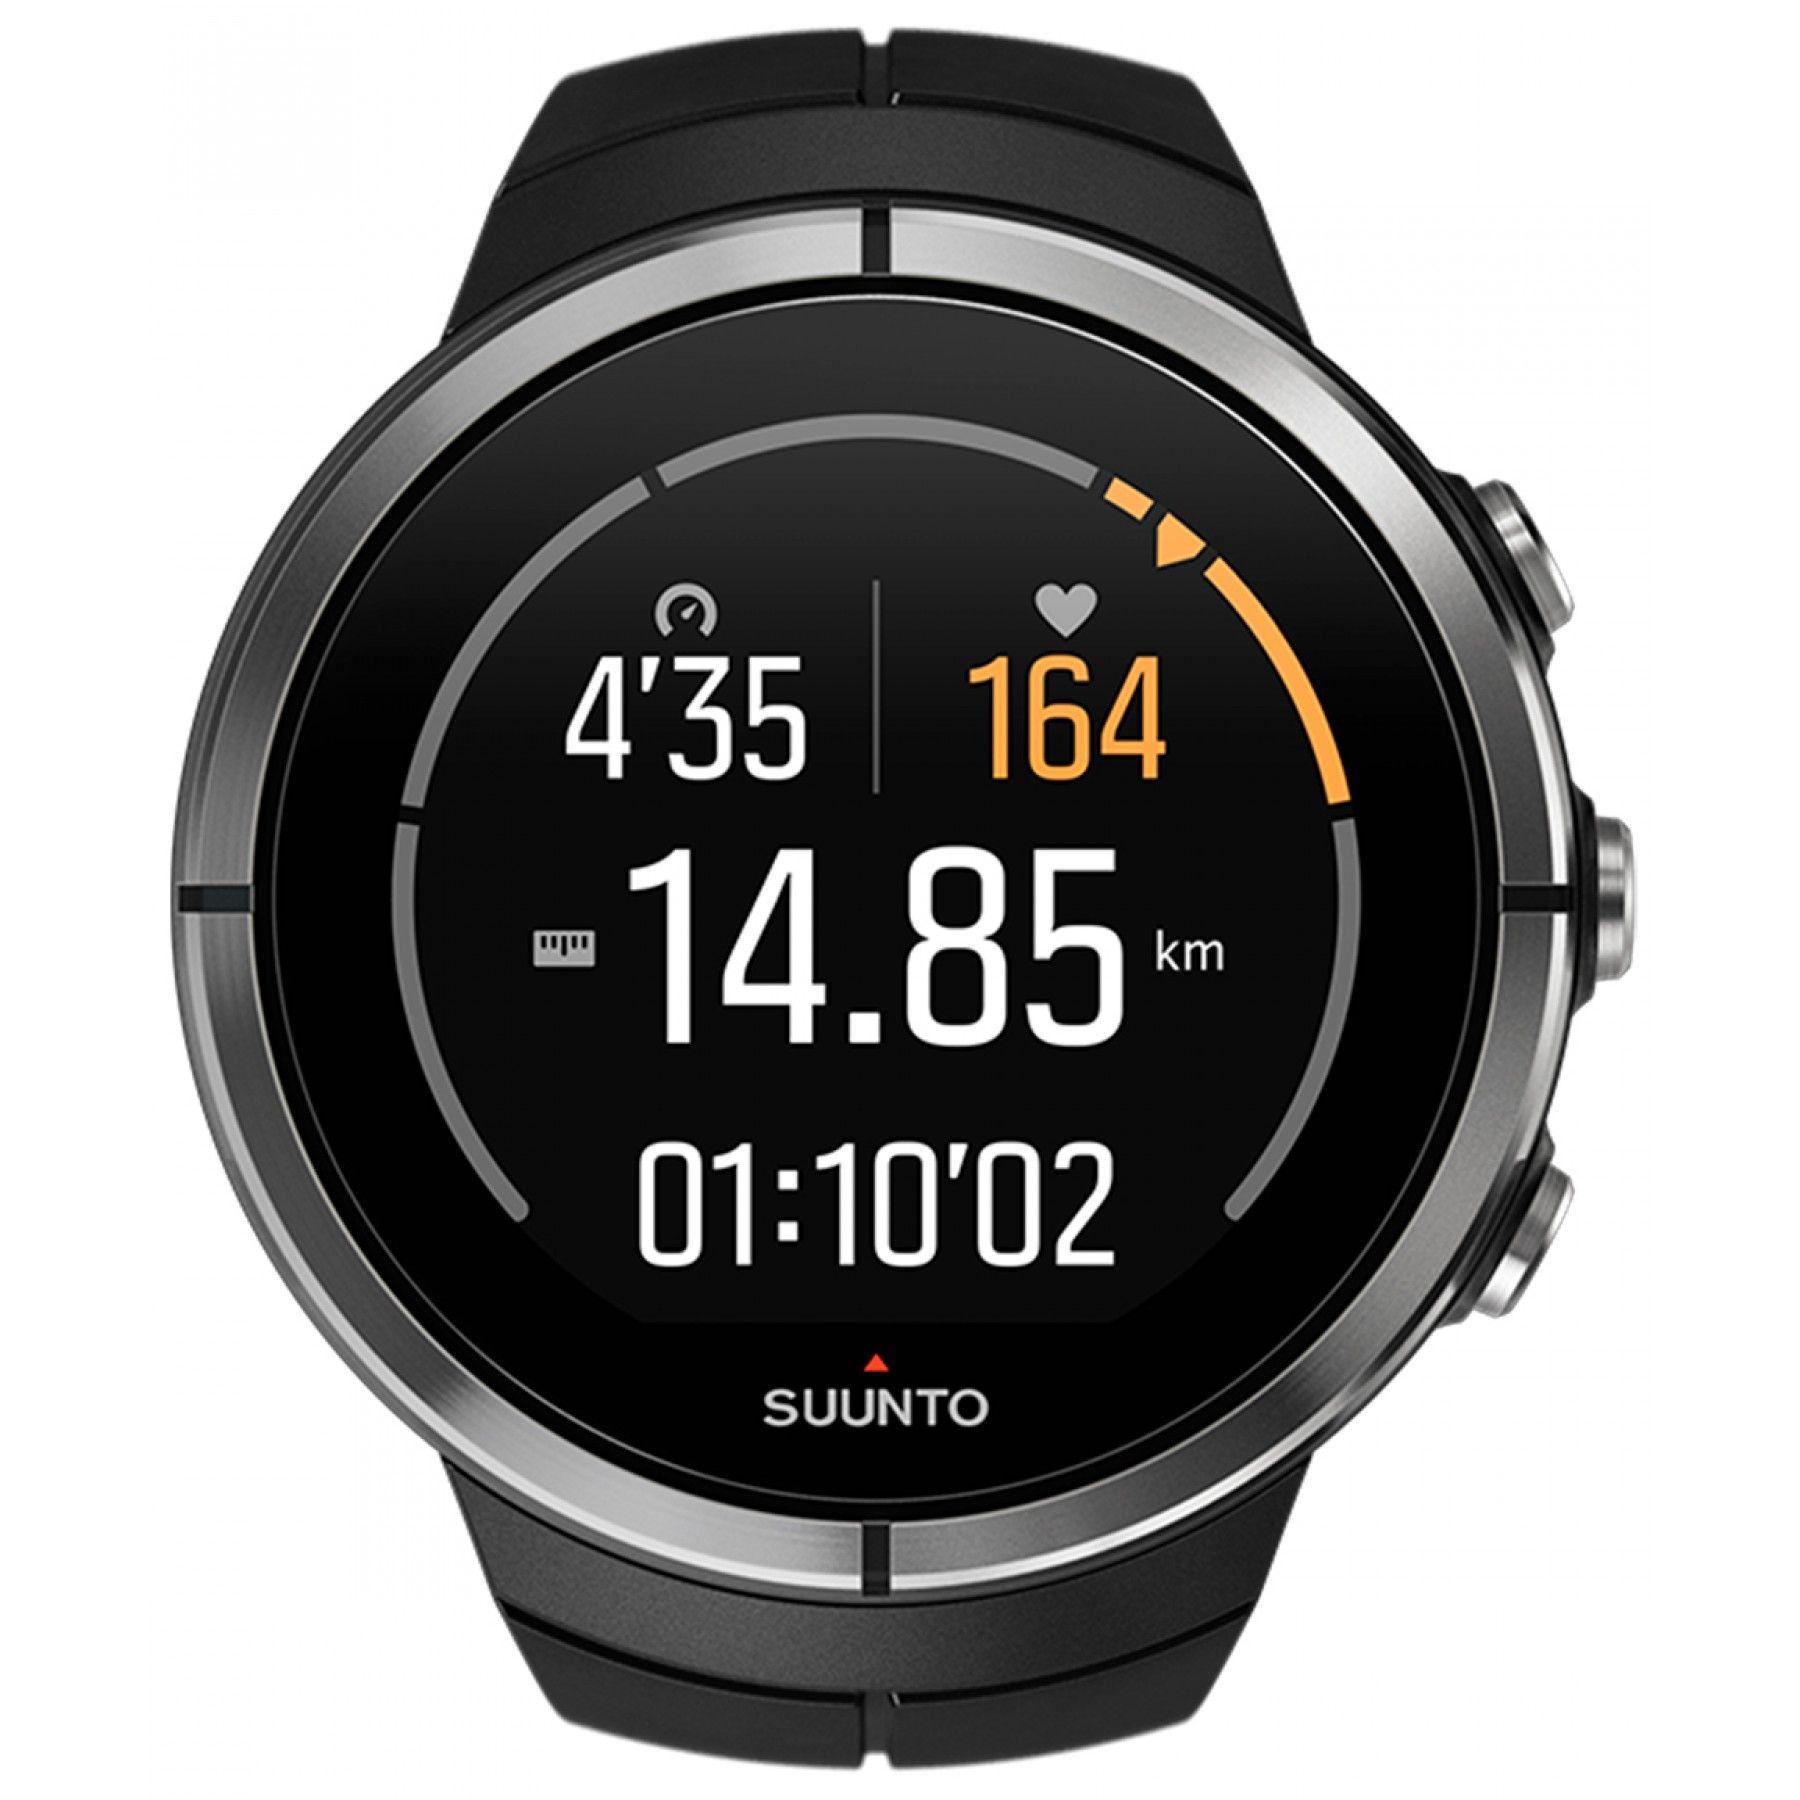 0dc020e4db70 Reloj Suunto de la línea Spartan Ultra con caja de poliamida en color negro  bisel en